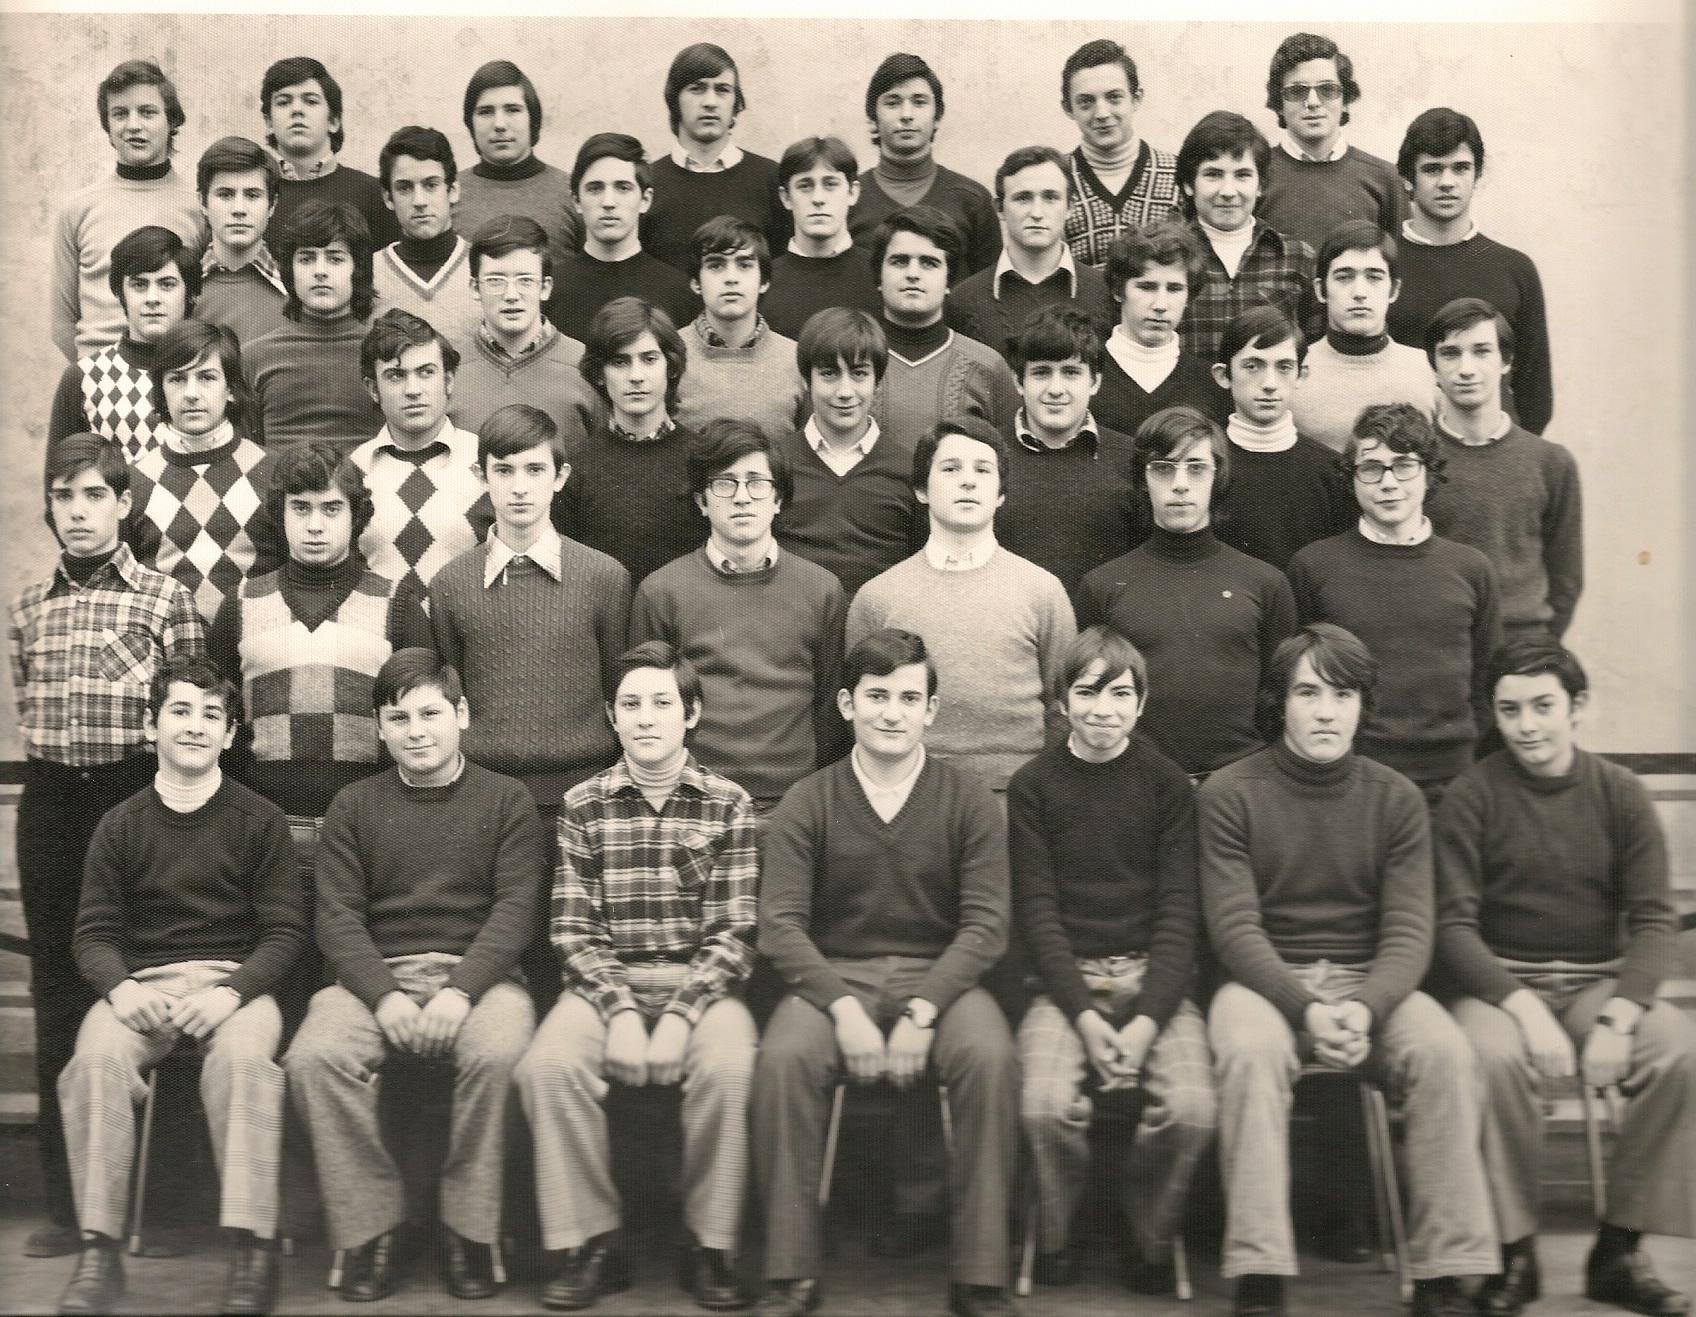 A o 1975 maristas bilbao fotos de fotos antiguas - Bilbao fotos antiguas ...